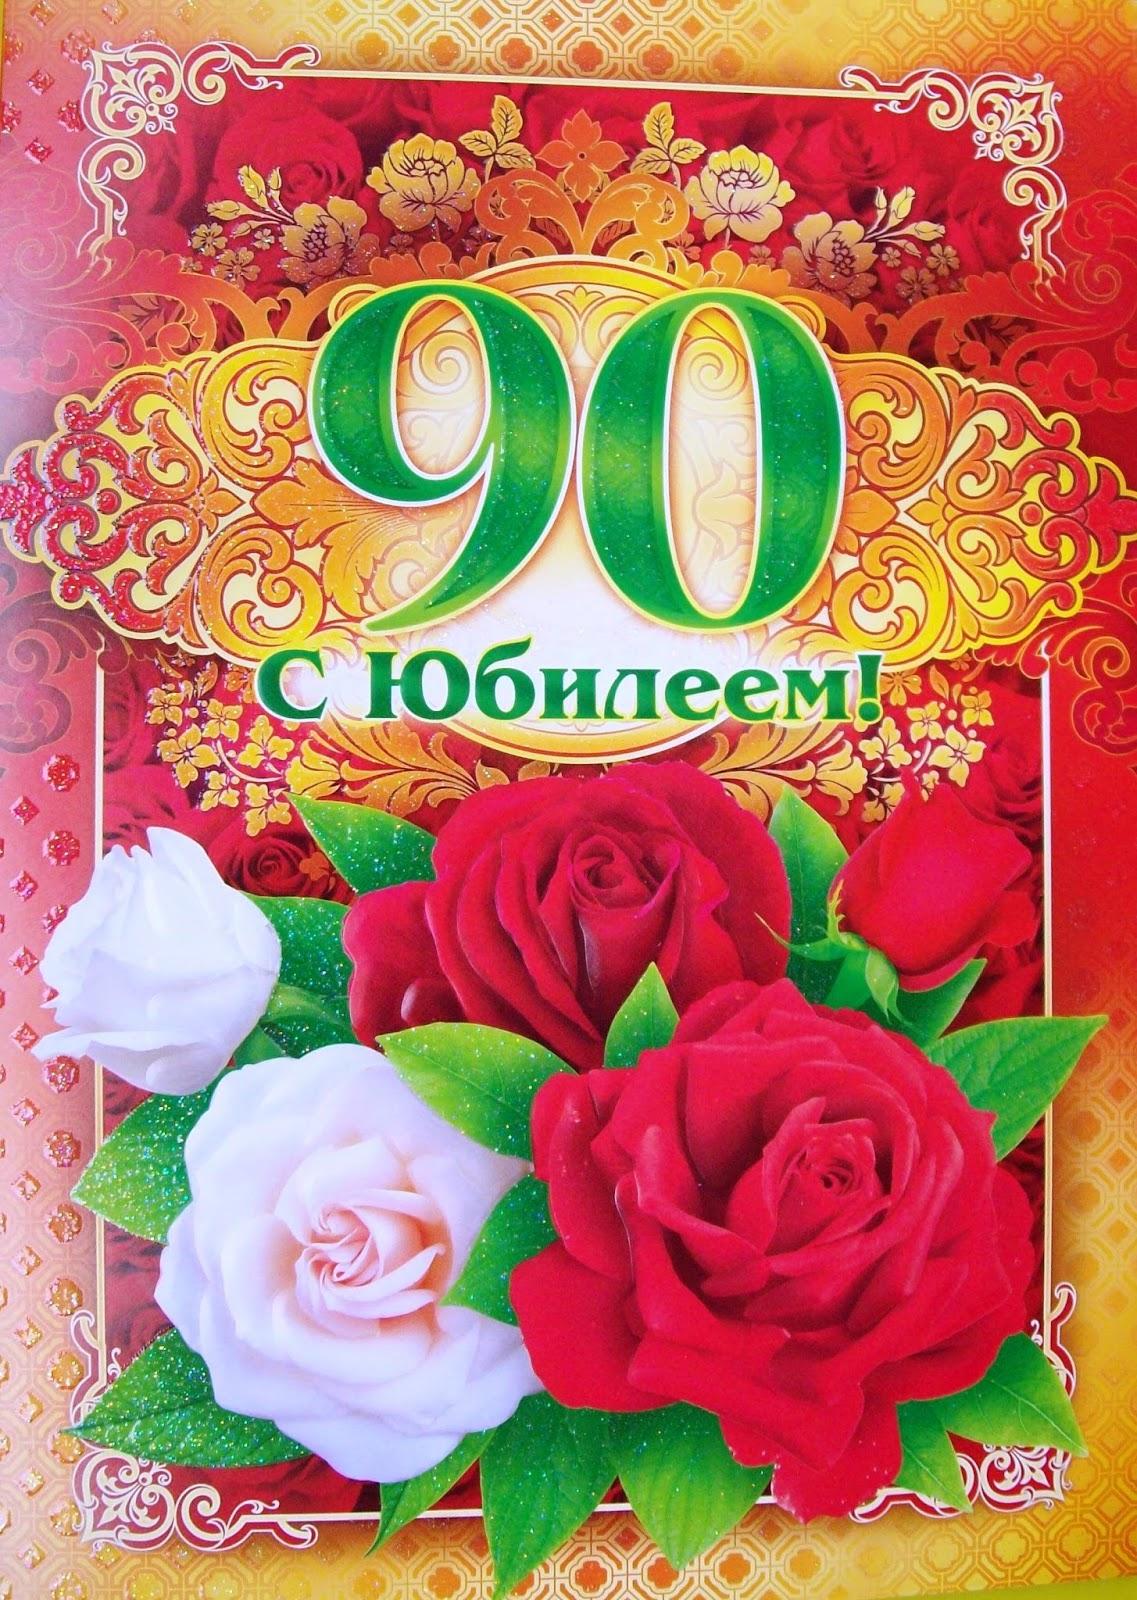 Поздравления на юбилей 90 лет женщине от родных, близких и друзей в стихах 29